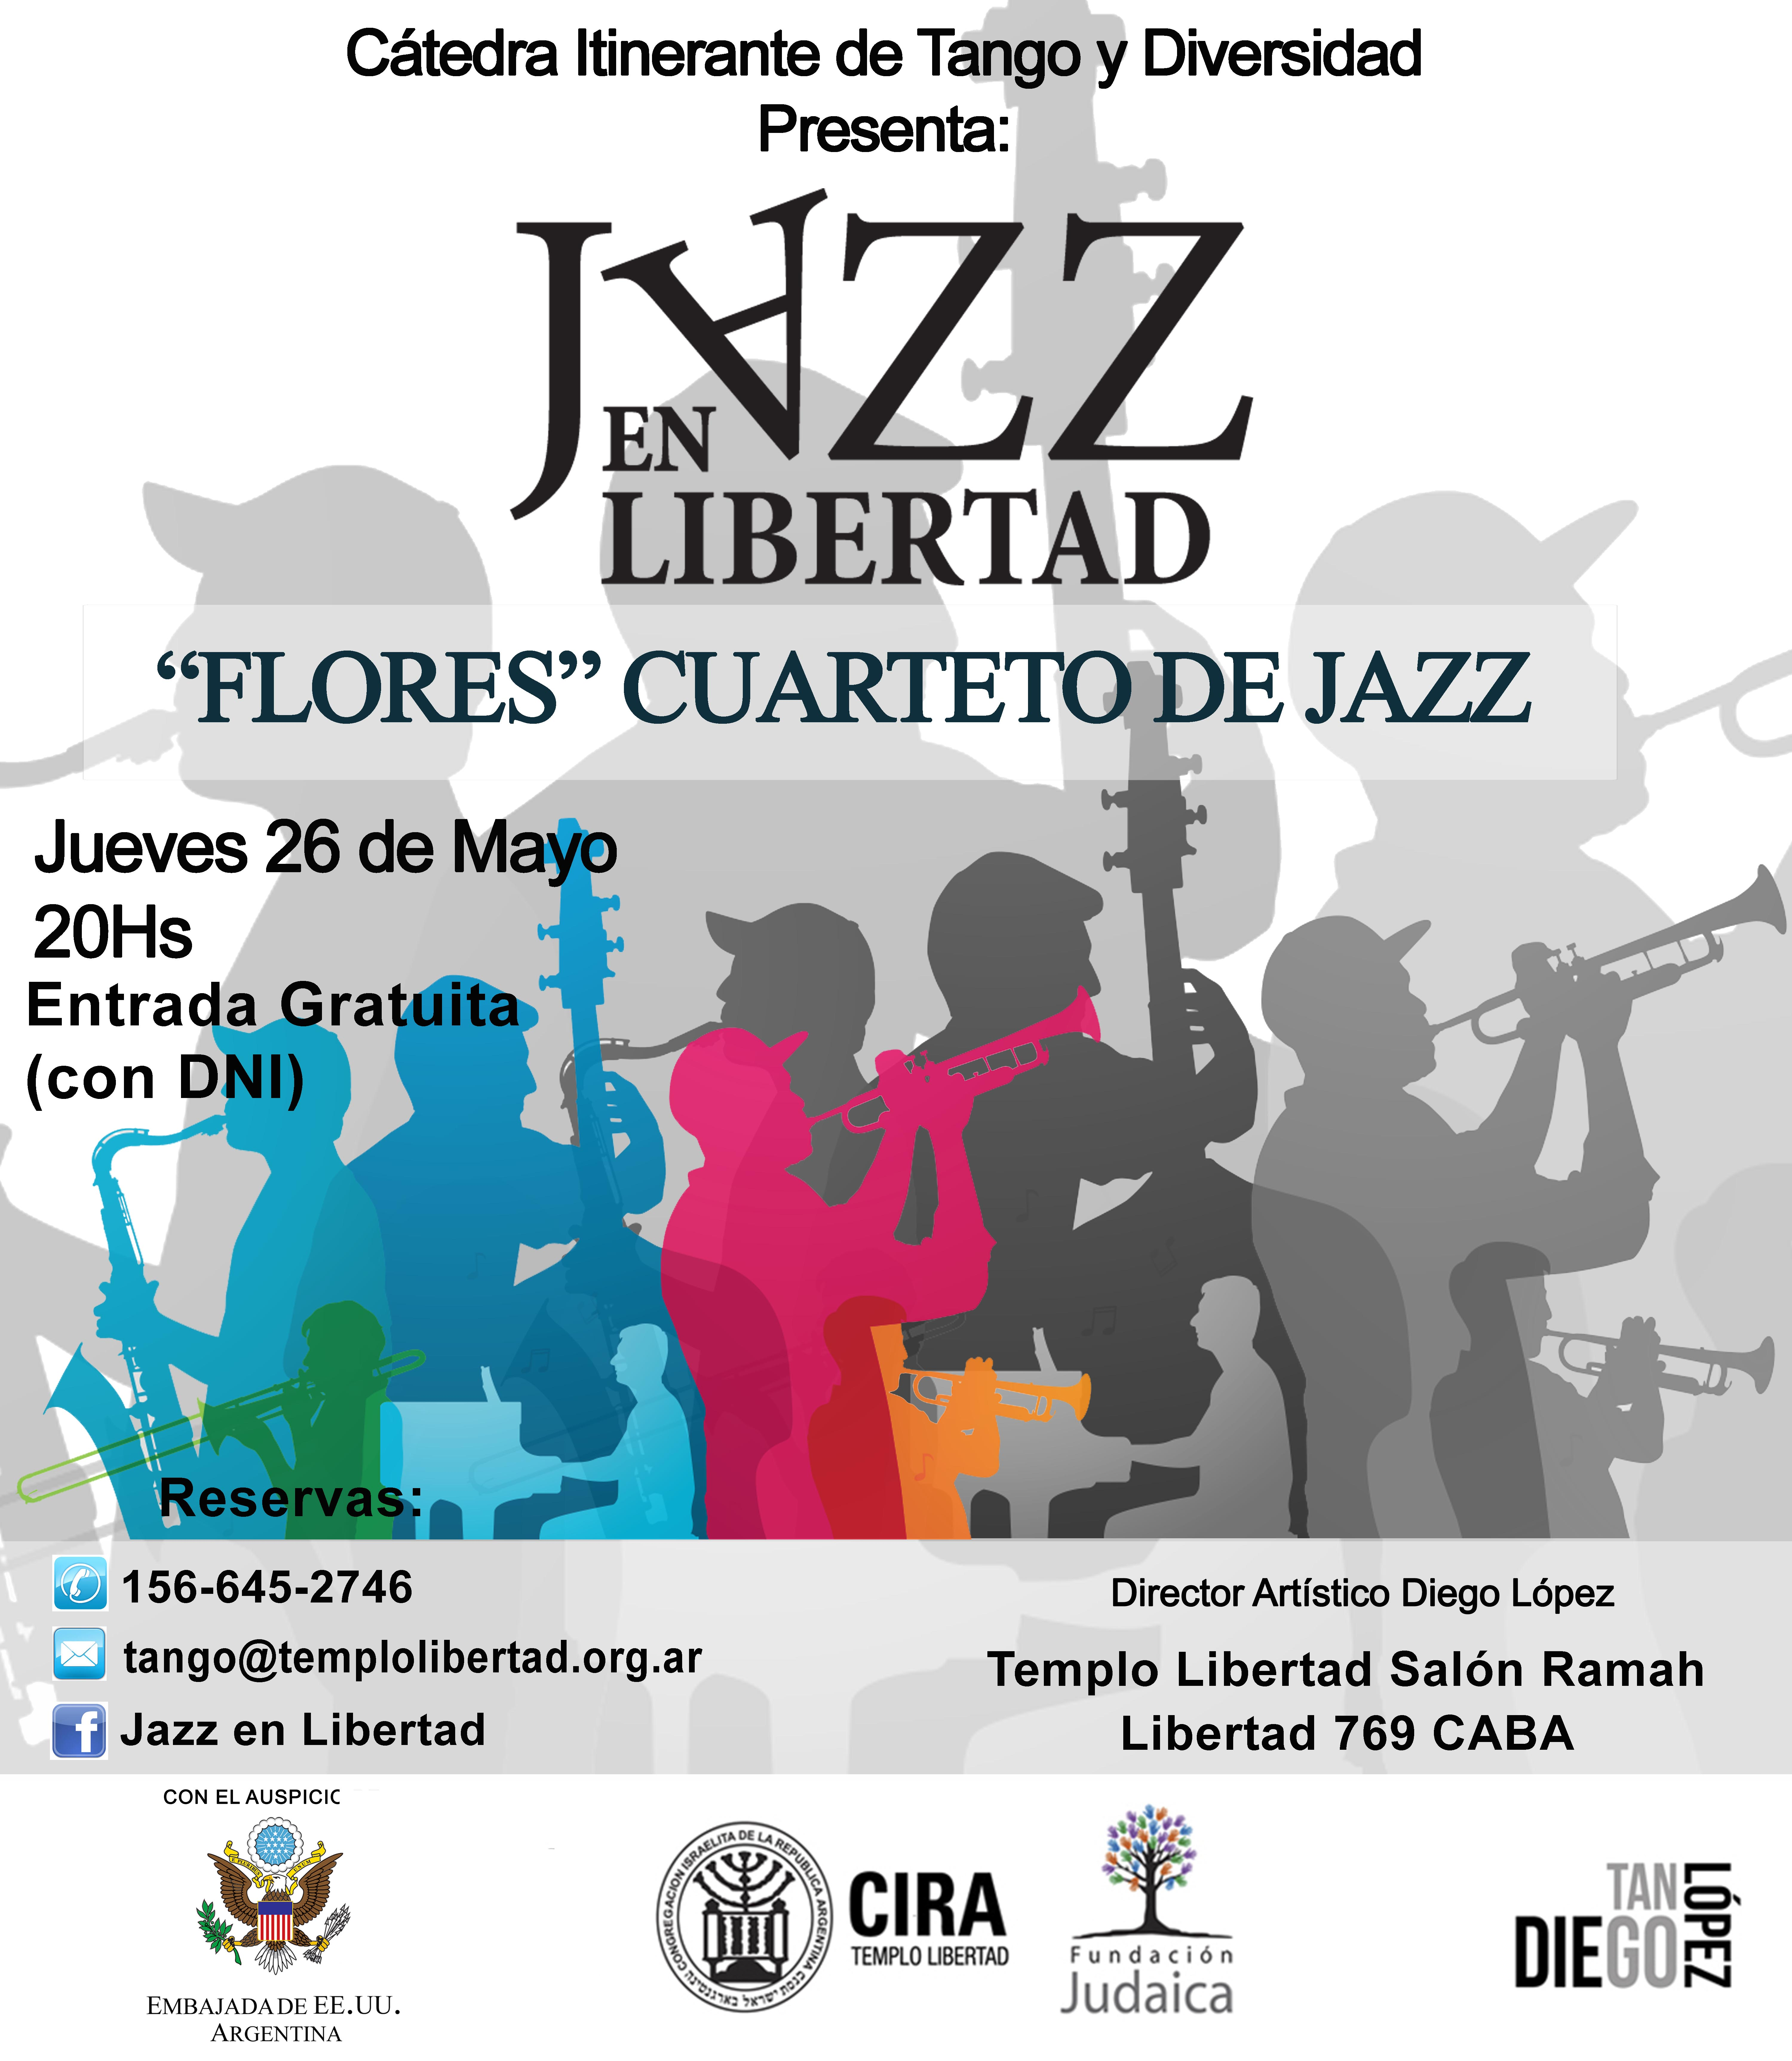 Jazz en Libertad Jueves 26 de Mayo